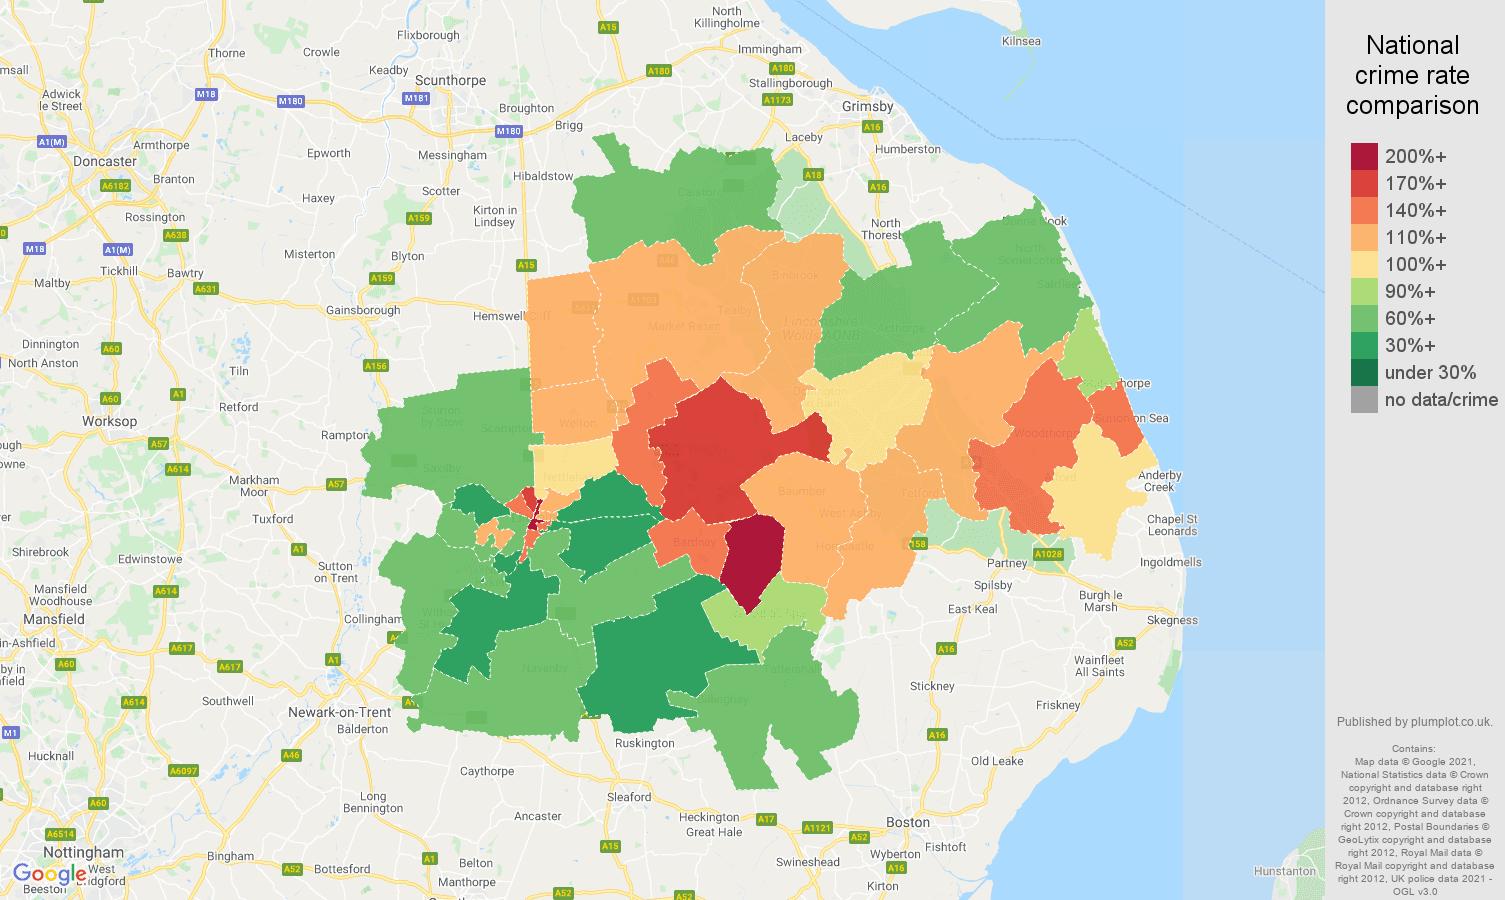 Lincoln burglary crime rate comparison map